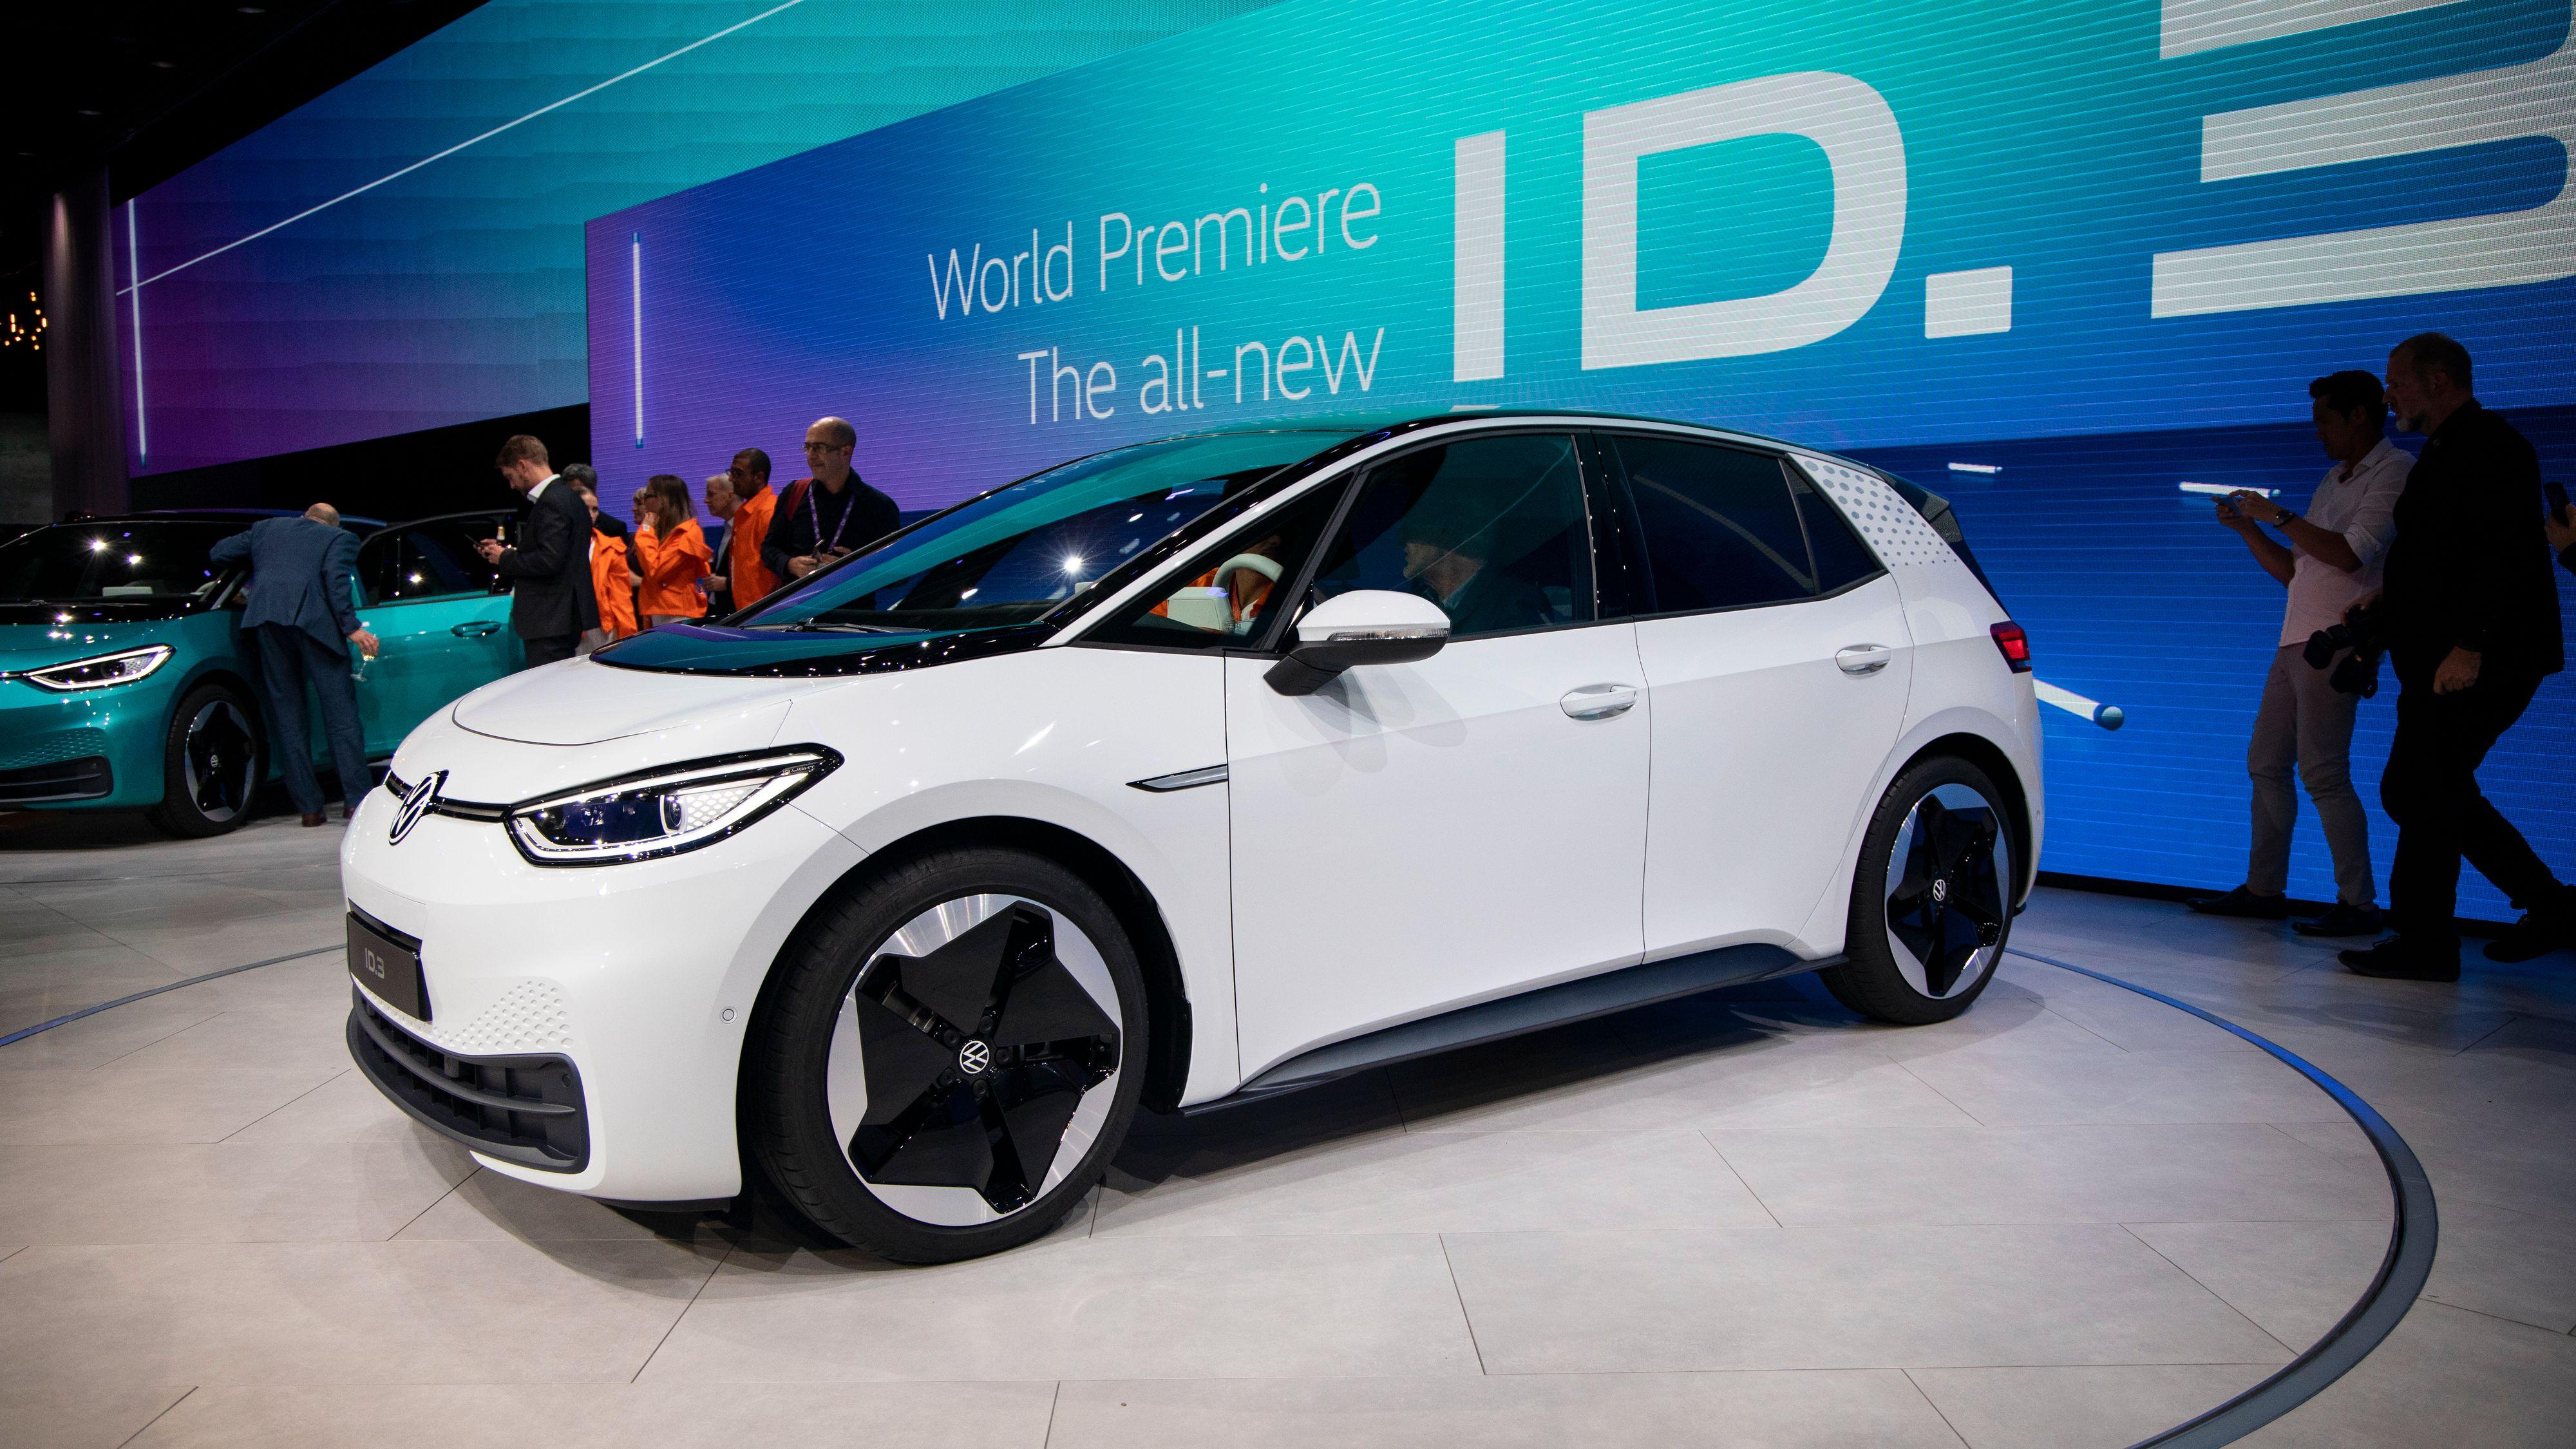 Volkswagen byr på serviceavtale til de som tar levering av ID.3 i oktober - som kompensasjon for at ikke alle funksjoner er på plass ved levering.